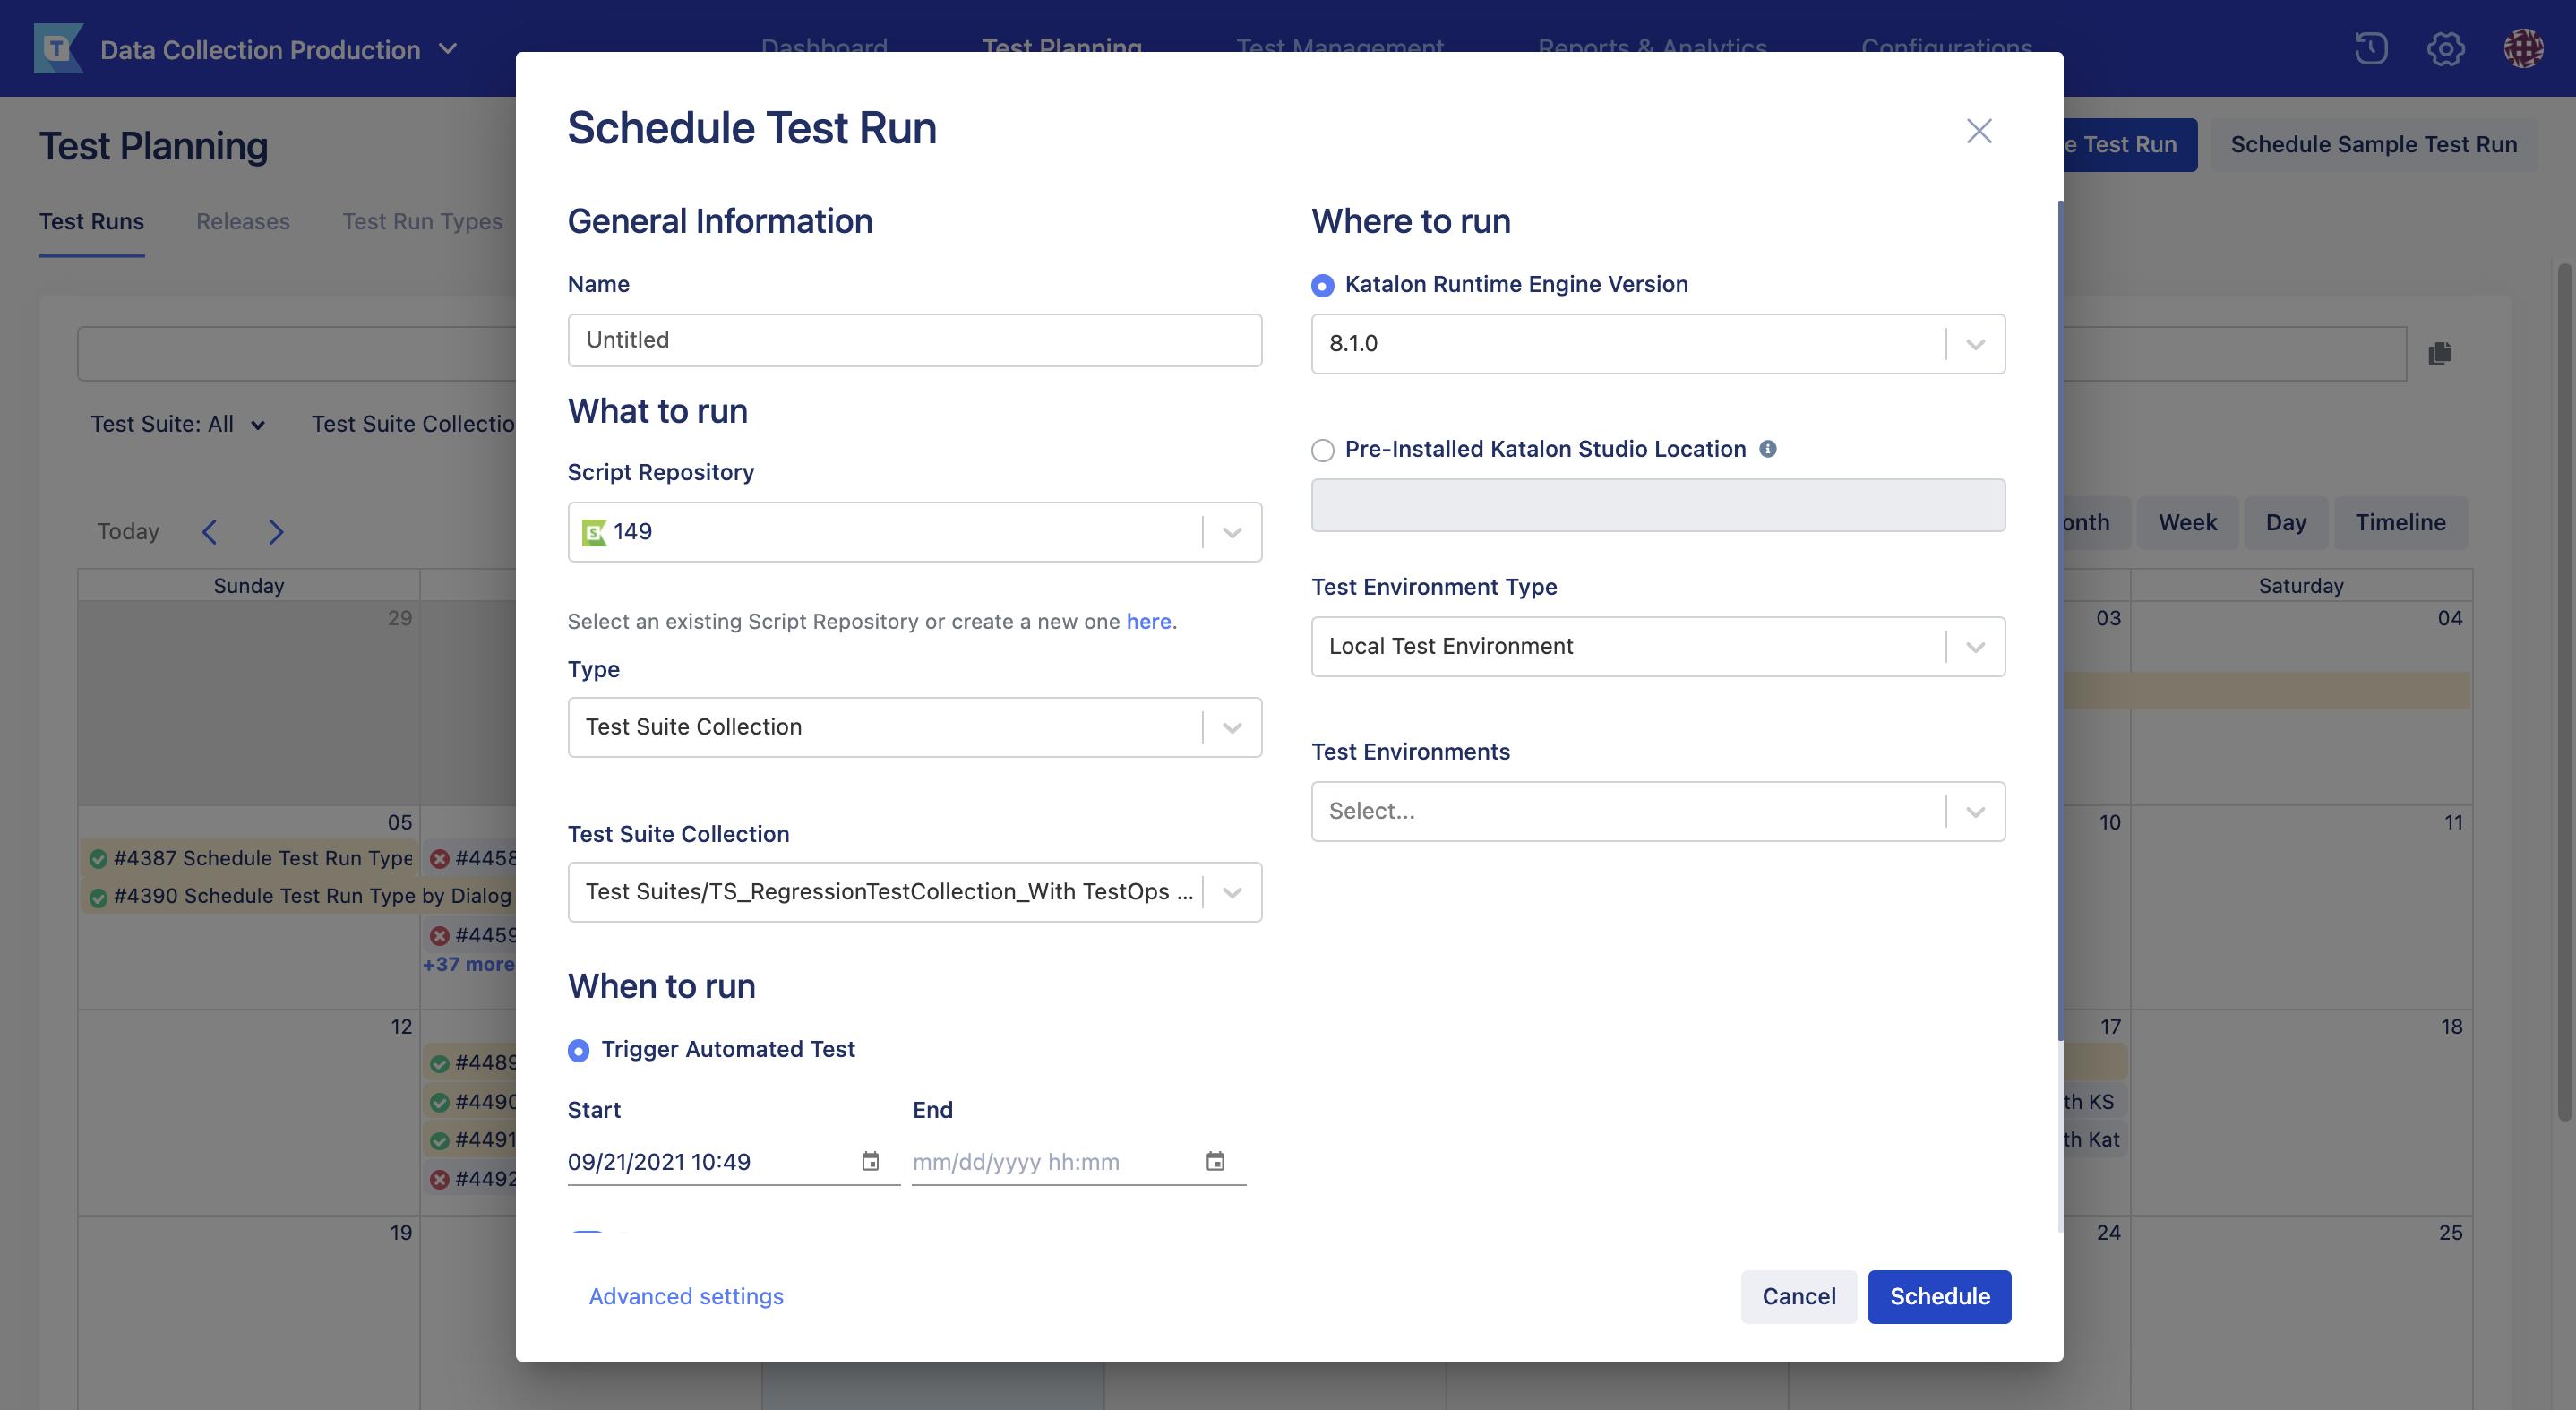 schedule test run page new UI